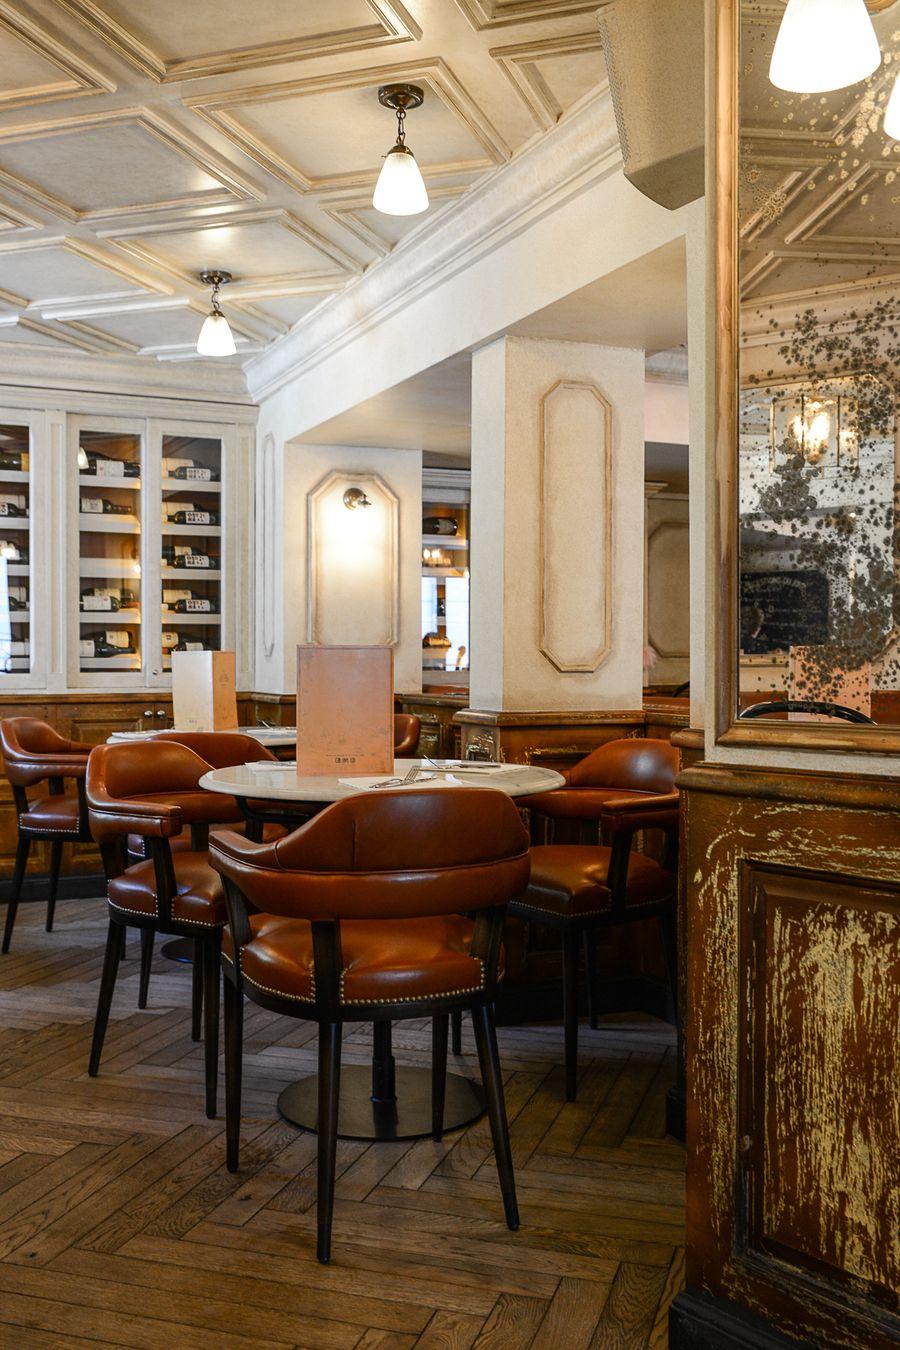 La Decoration De La Brasserie Le Vrai Paris Dans Le Quartier De Montmartre De Paris Dans Le Quarti Design De Restaurant Bistrot Parisien Quartier De Montmartre